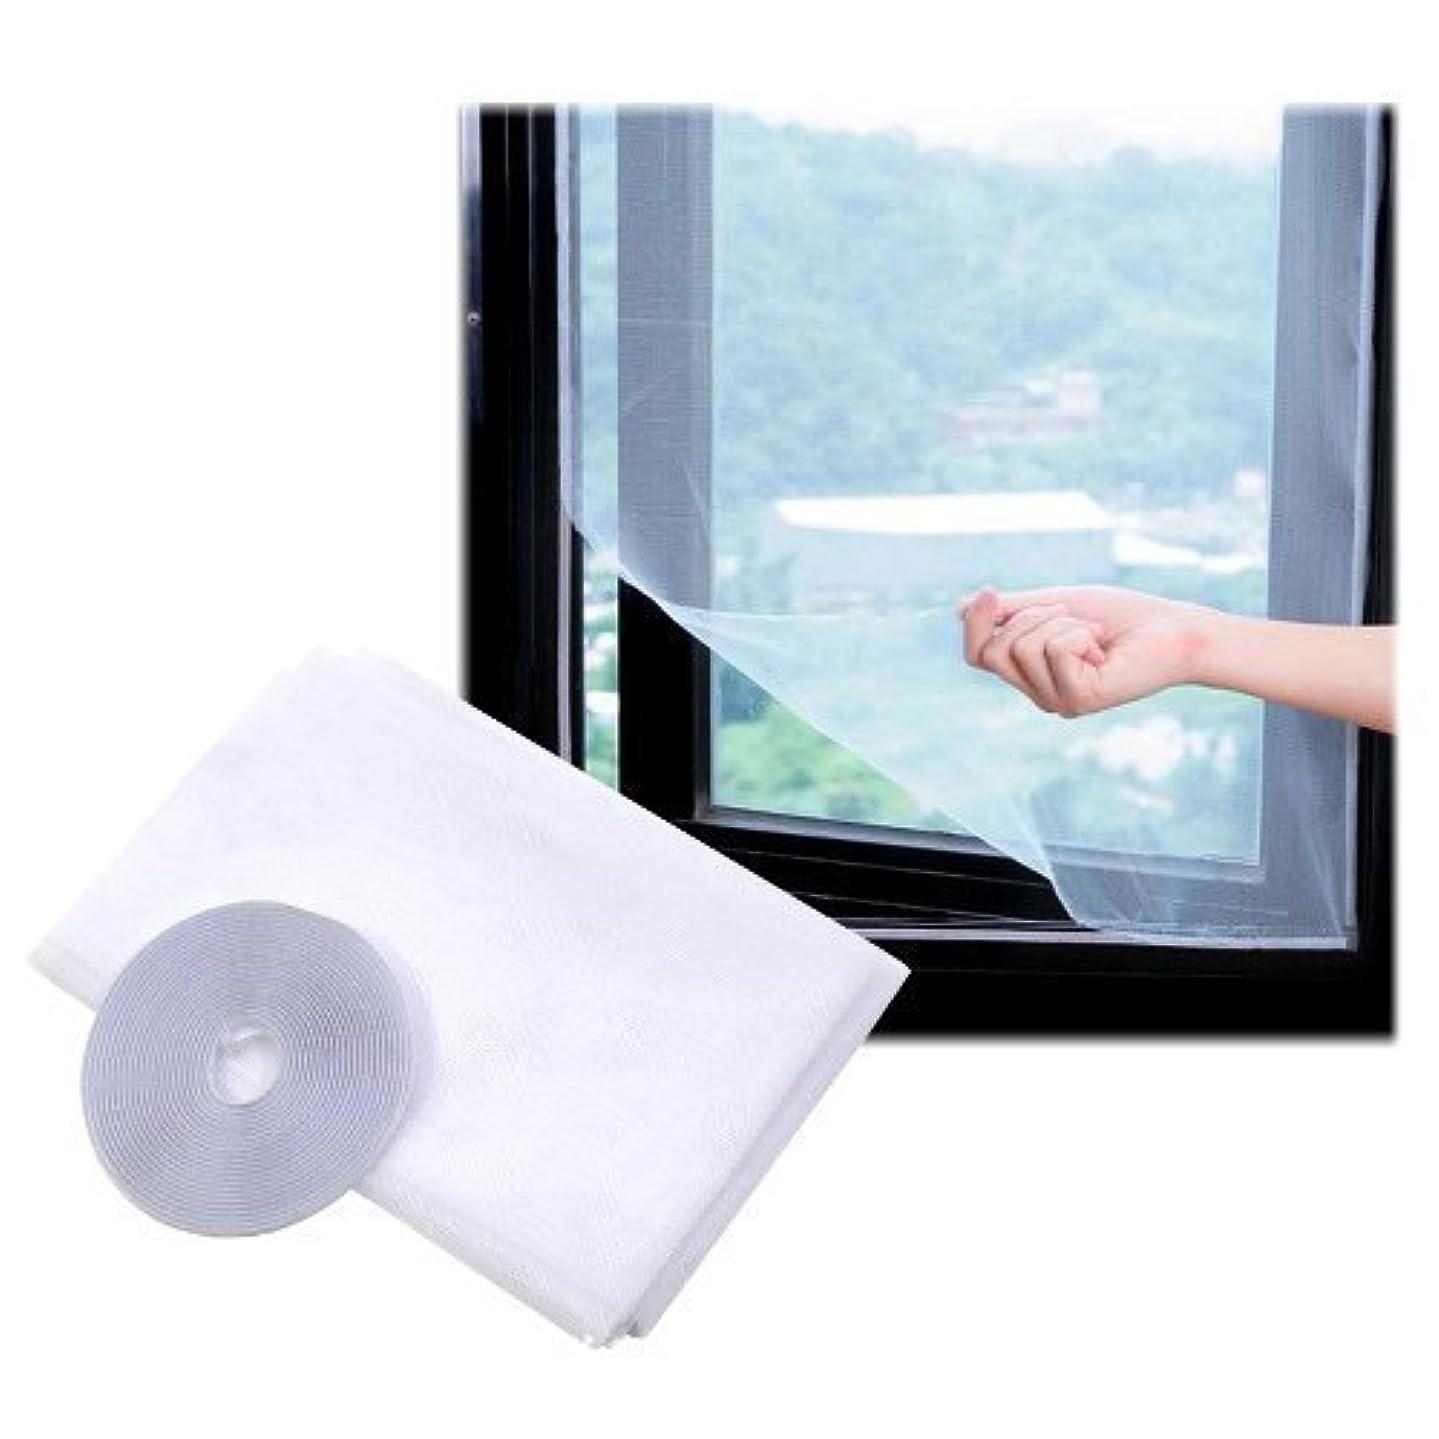 時はしご思い出すISUPY 網戸 防虫網 蚊帳 窓網 防虫 蚊取り対策 簡易あみ戸カーテン 通気性 風通しマジックテープ メッシュ DIY 補修 仕切り